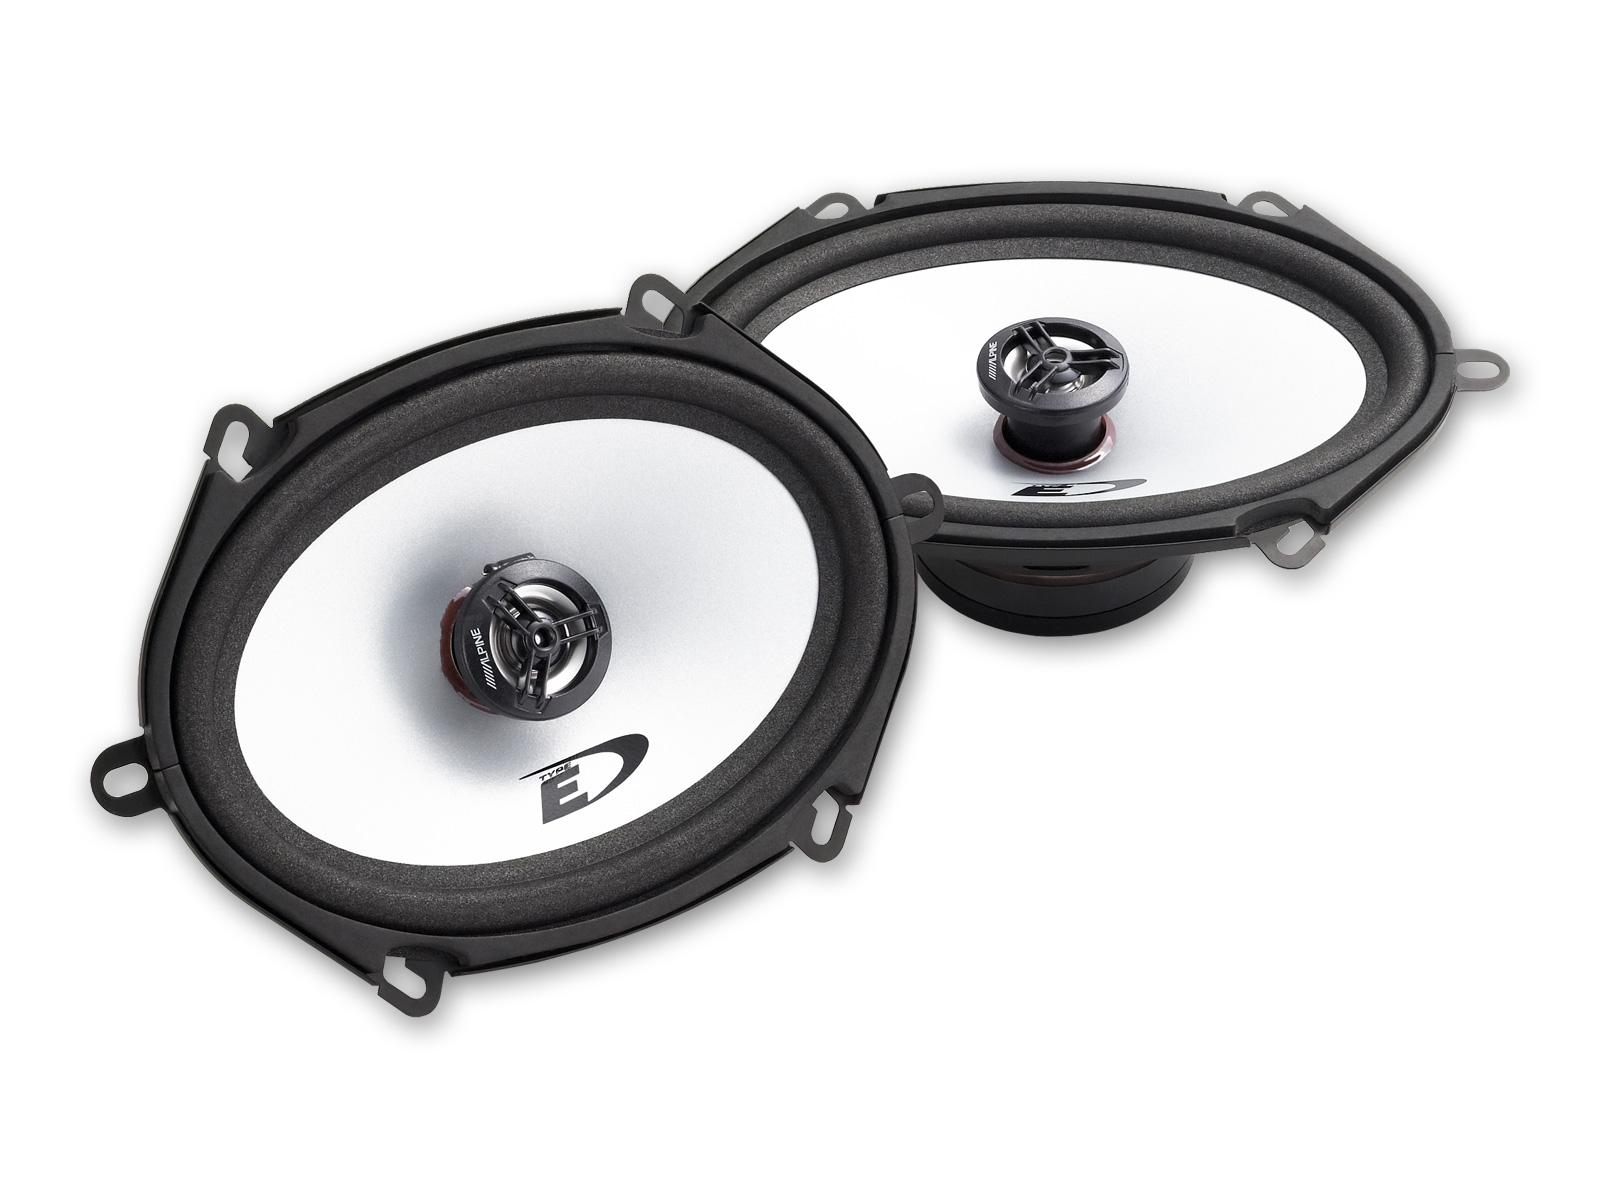 Alpine SXE-5725S 12,5 x 17,5cm (5 x 7-Zoll) 2-Wege-Koaxiallautsprecher 1 Paar Lautsprecher 200 Watt